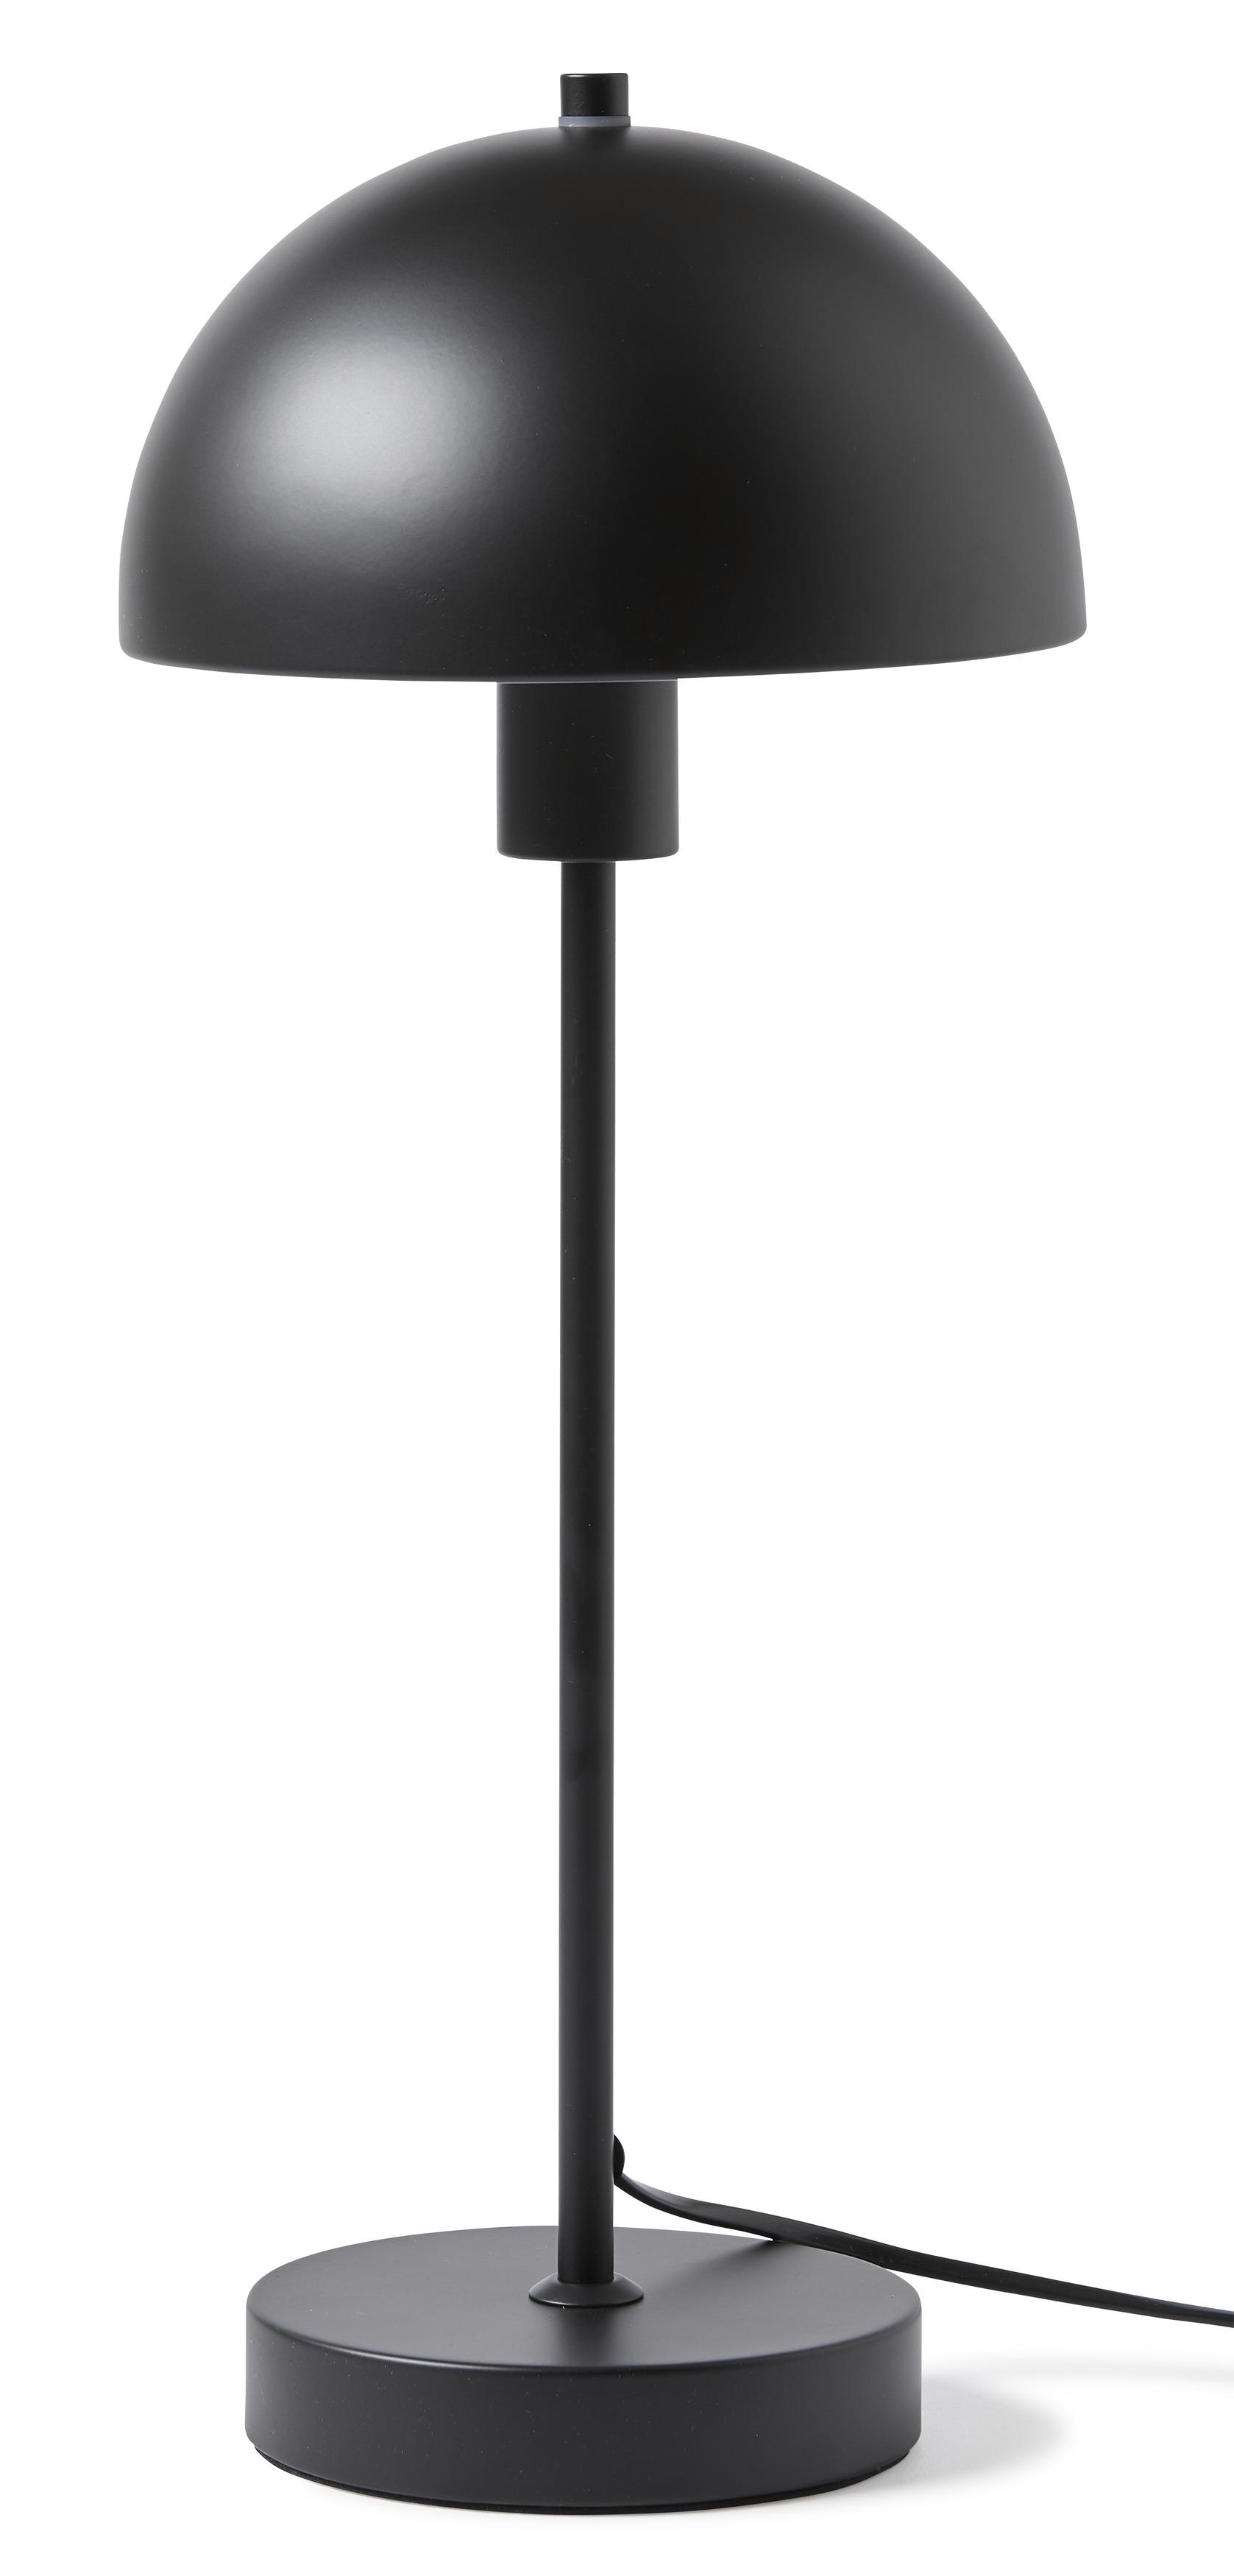 Bordslampa från Mio